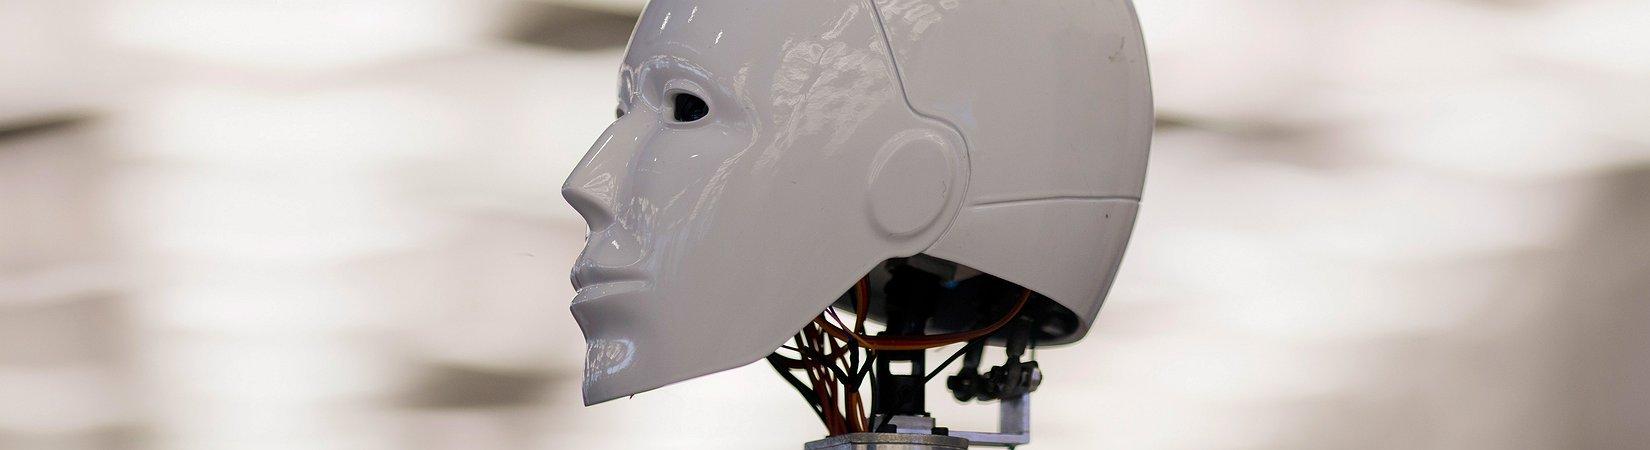 ¿Nos quitarán los robots nuestros puestos de trabajo?